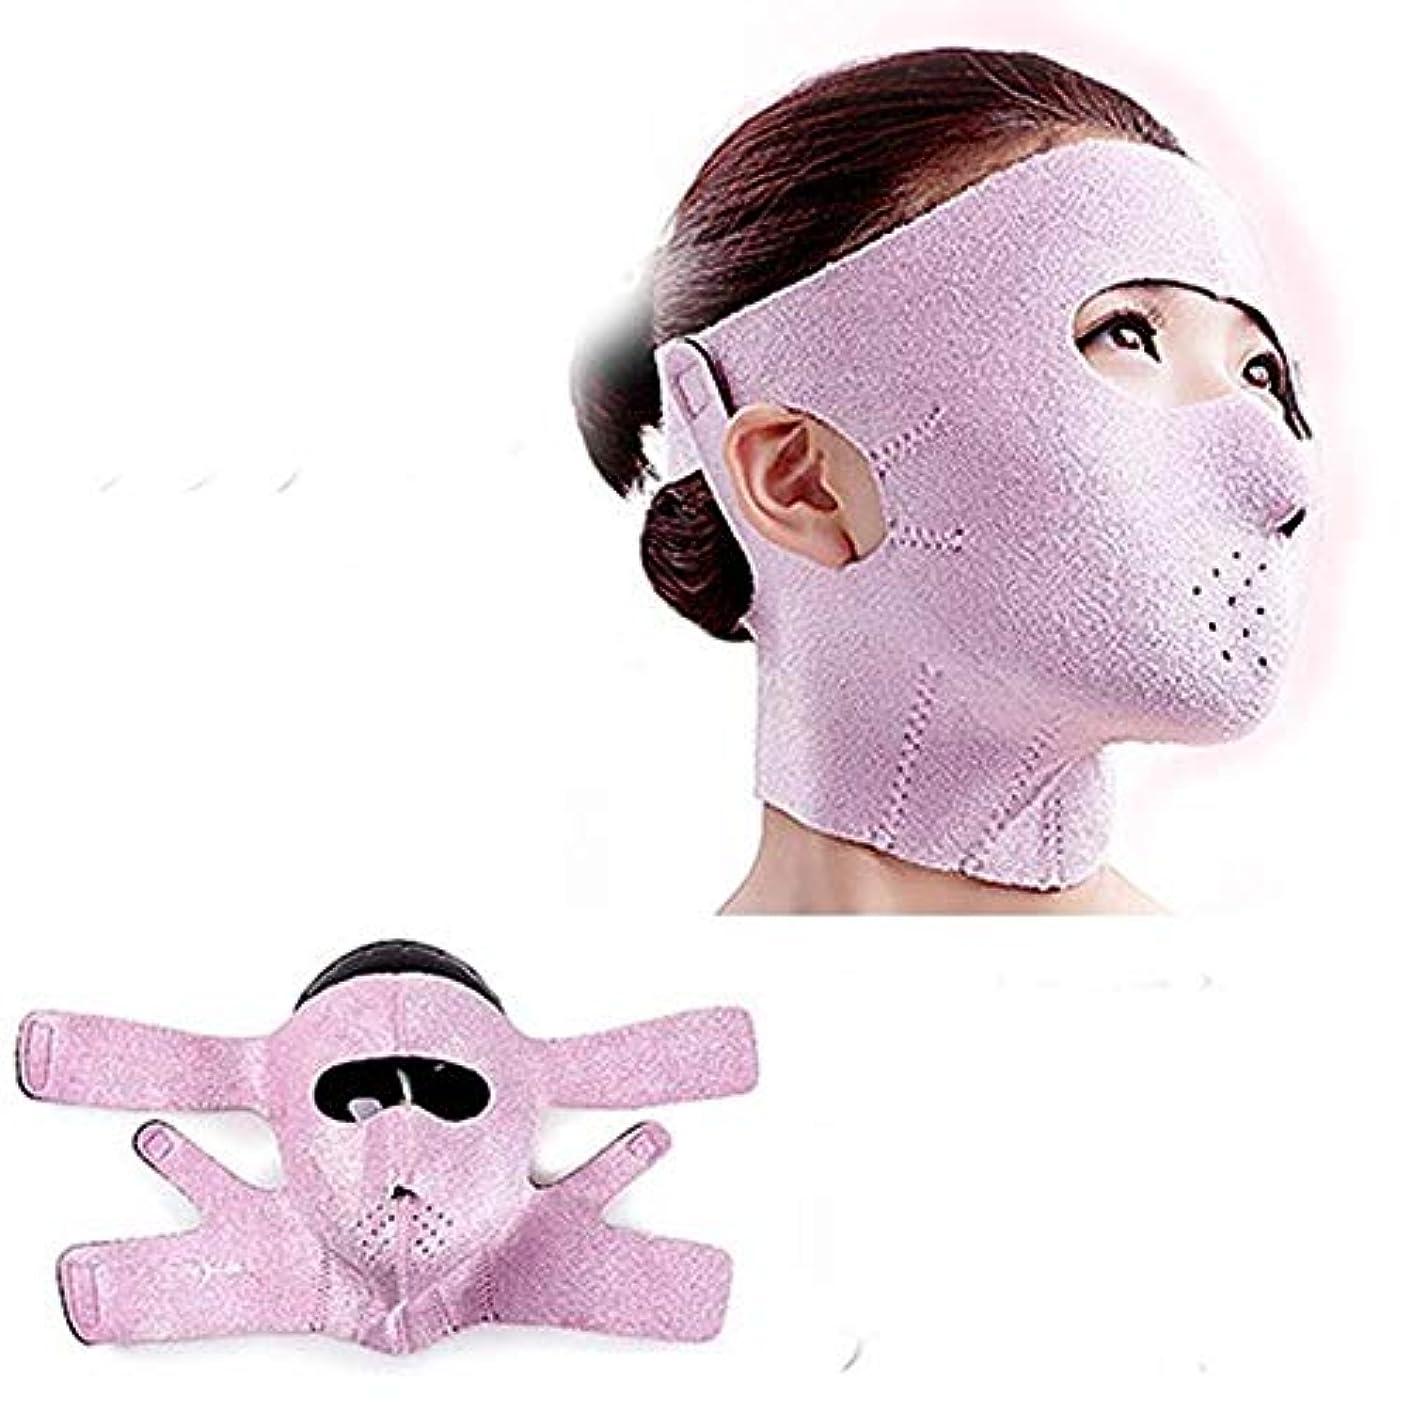 ターミナル全体マーケティング小顔 矯正 補正 サウナ マスク サポーター 顔 リフトアップ エステ ダイエット